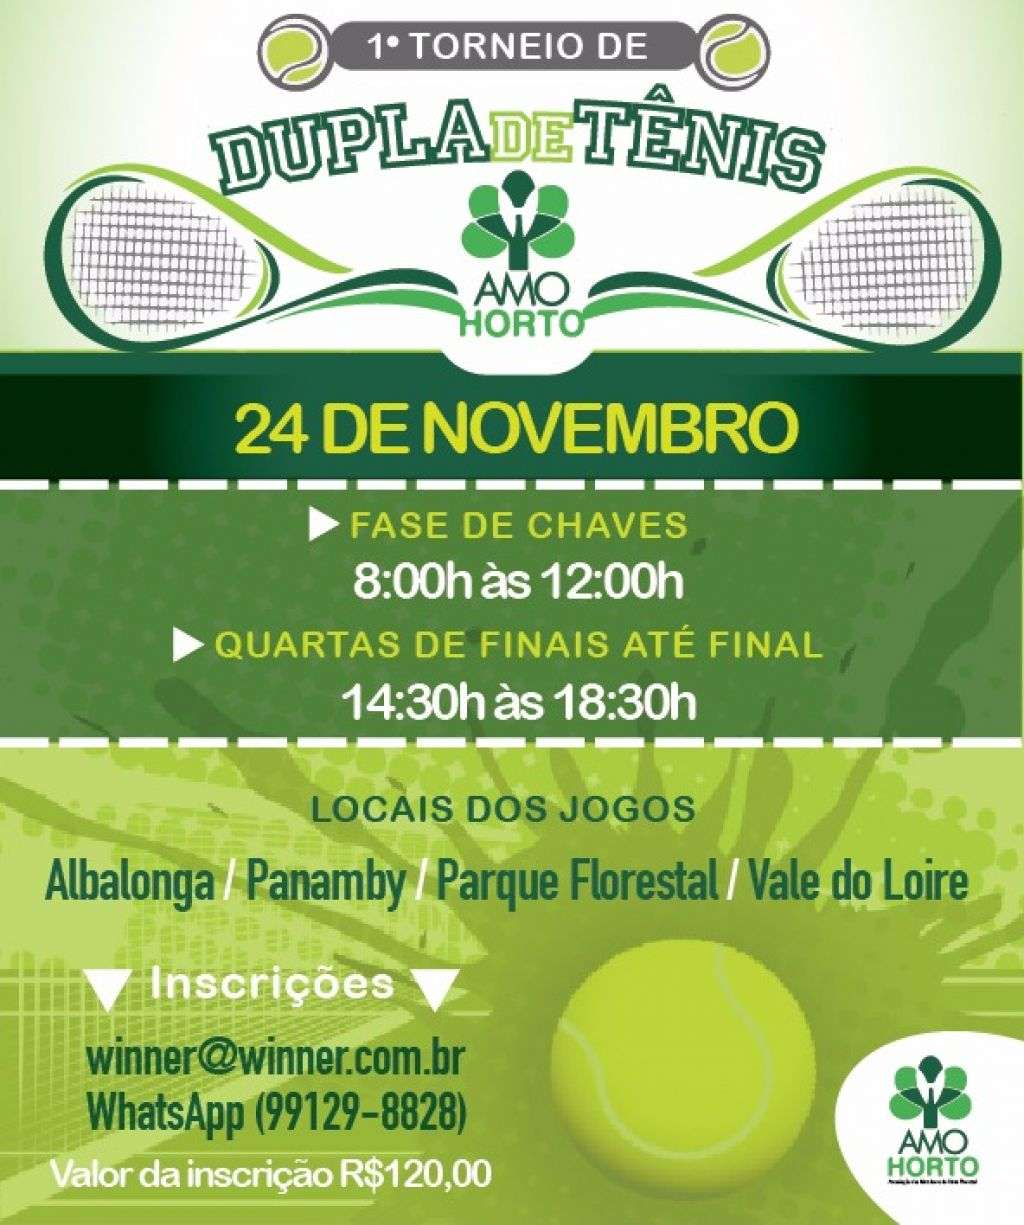 7dffc05bf1d7 Condomínios do Horto realizarão torneio de tênis